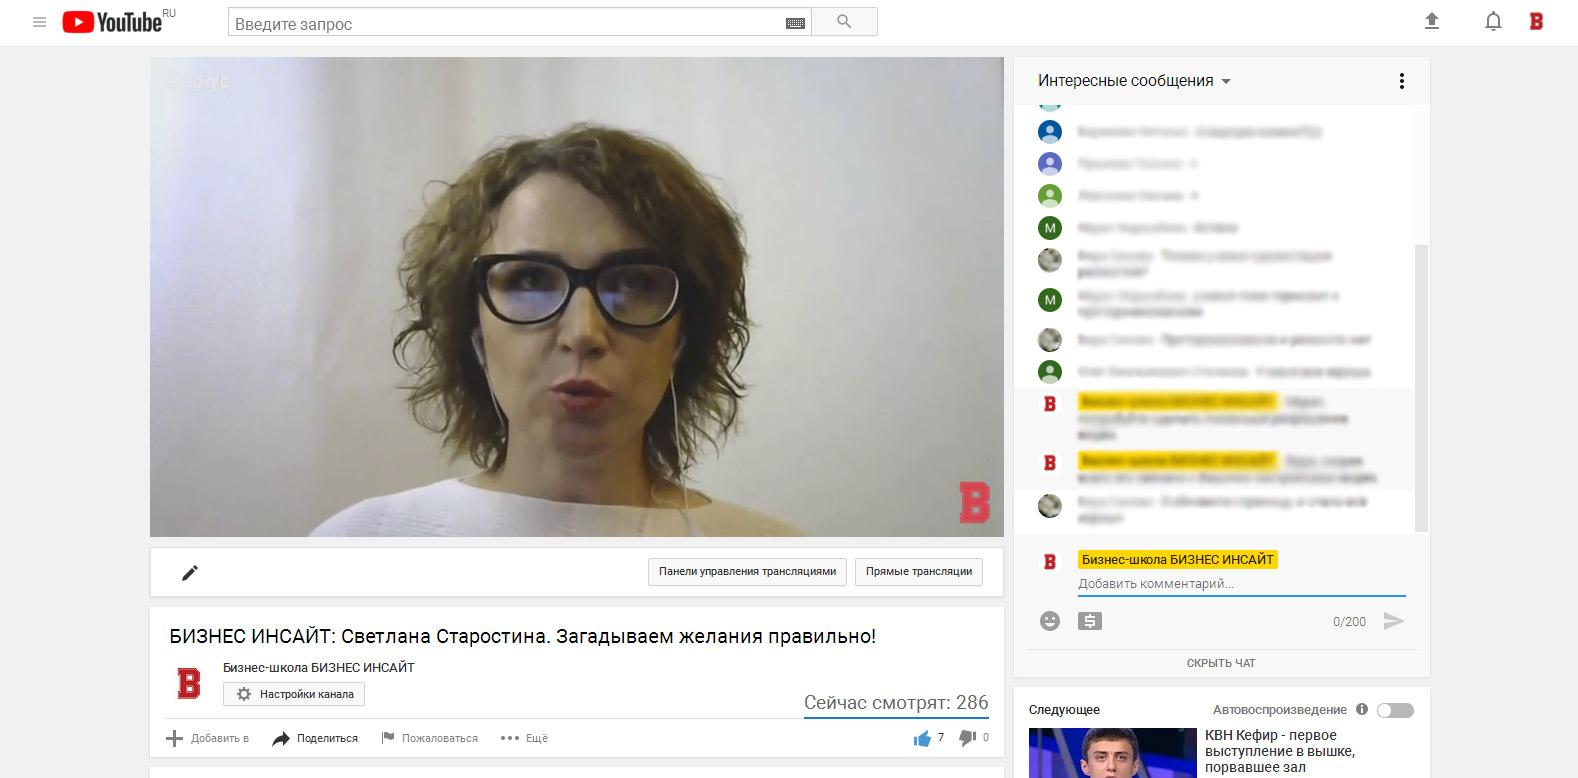 Светлана Старостина провела очередной открытый (бесплатный) вебинар на площадке БИЗНЕС ИНСАЙТ